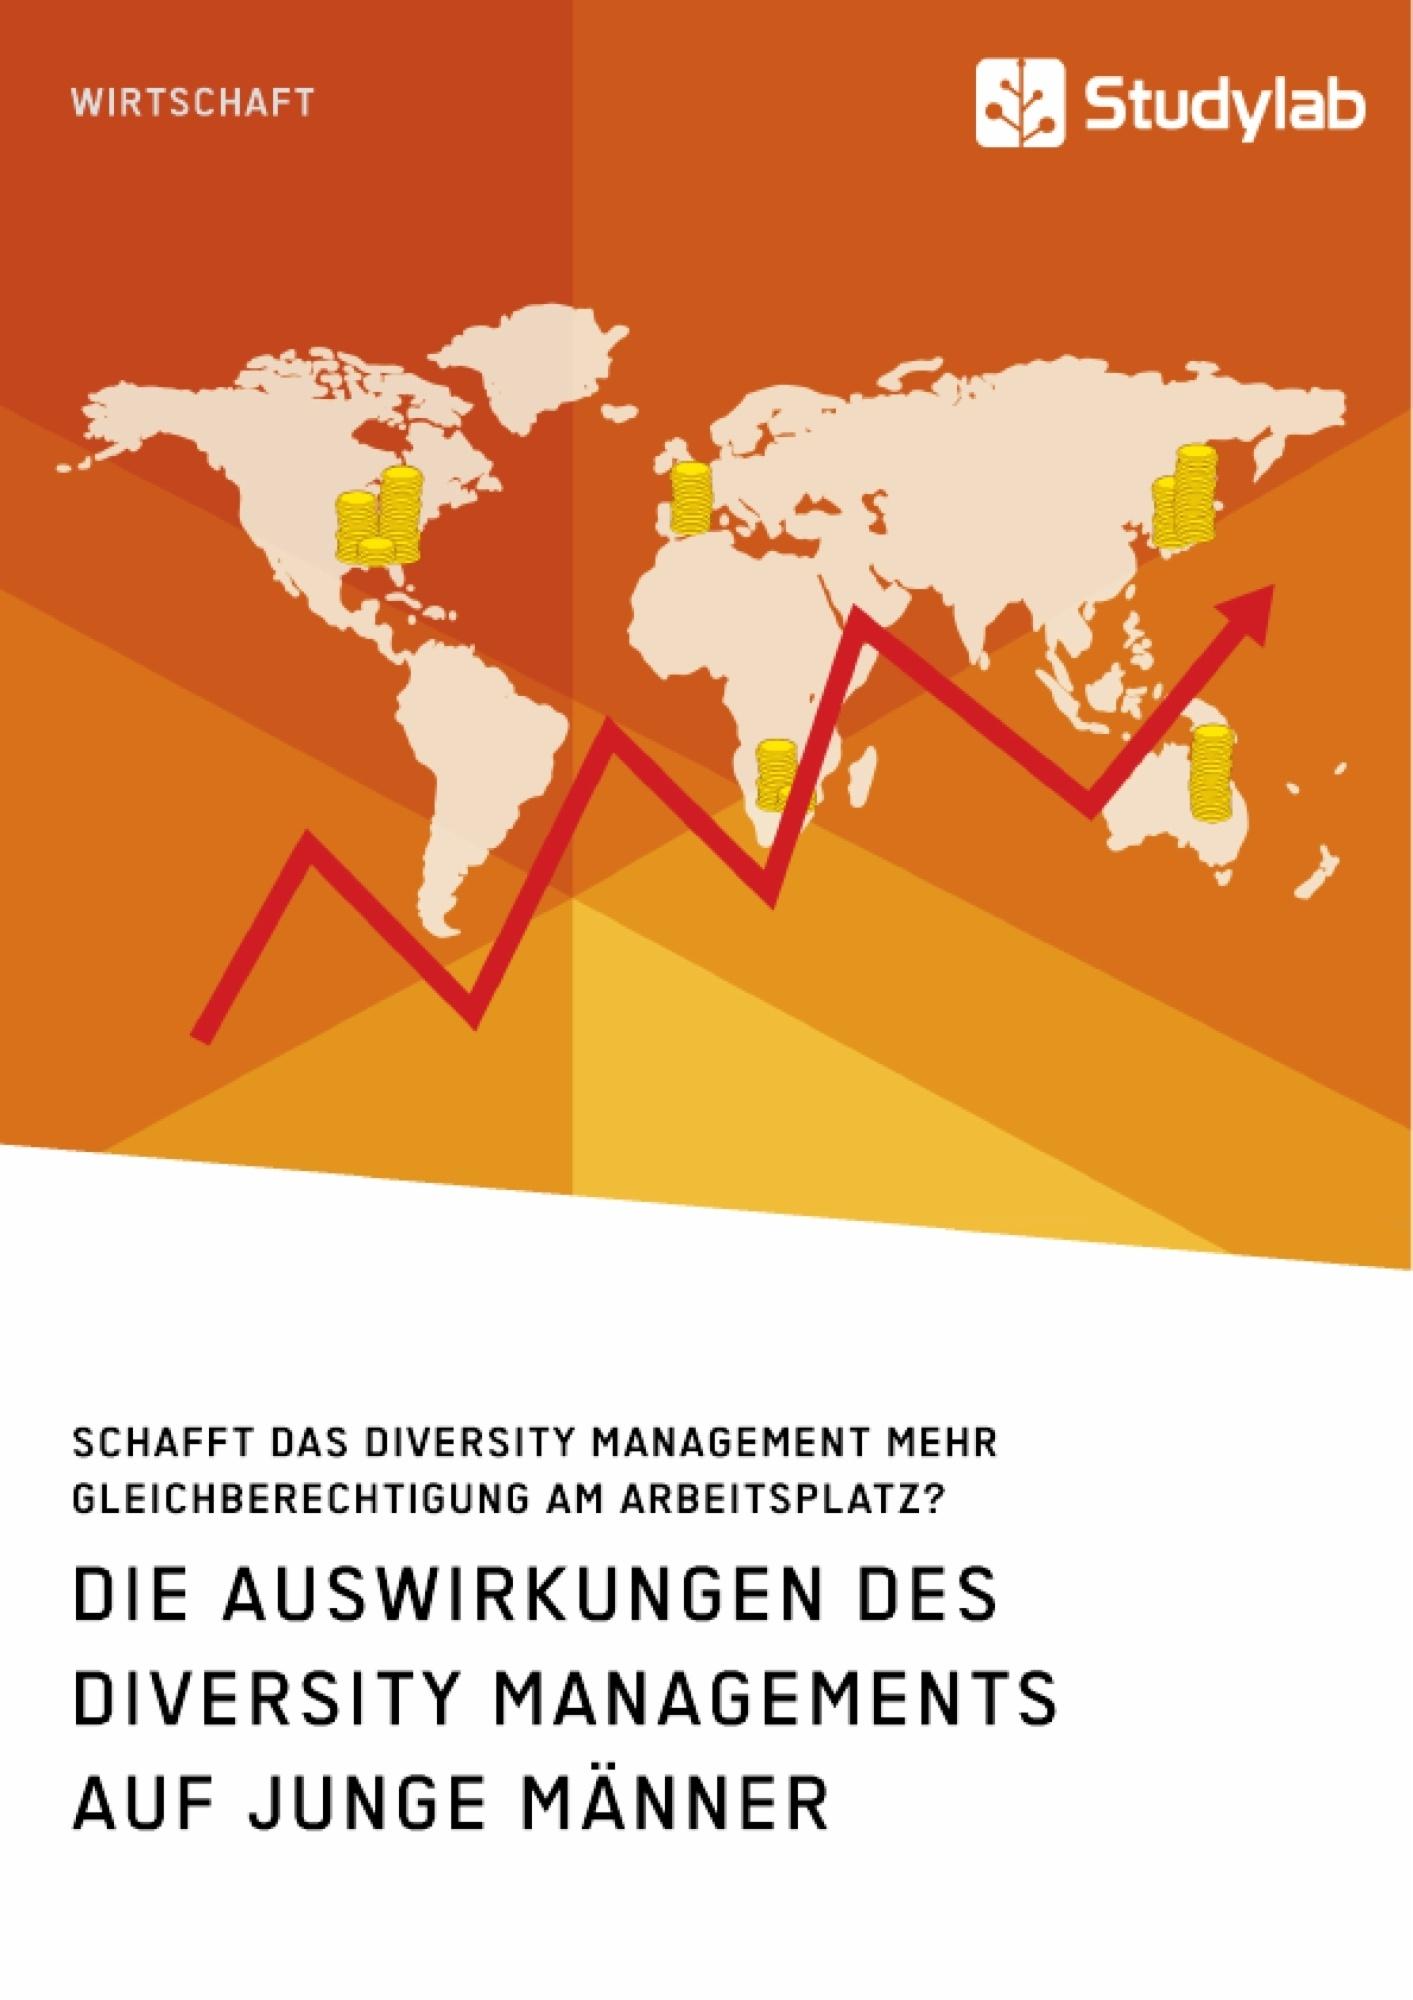 Titel: Die Auswirkungen des Diversity Managements auf junge Männer. Schafft das Diversity Management mehr Gleichberechtigung am Arbeitsplatz?